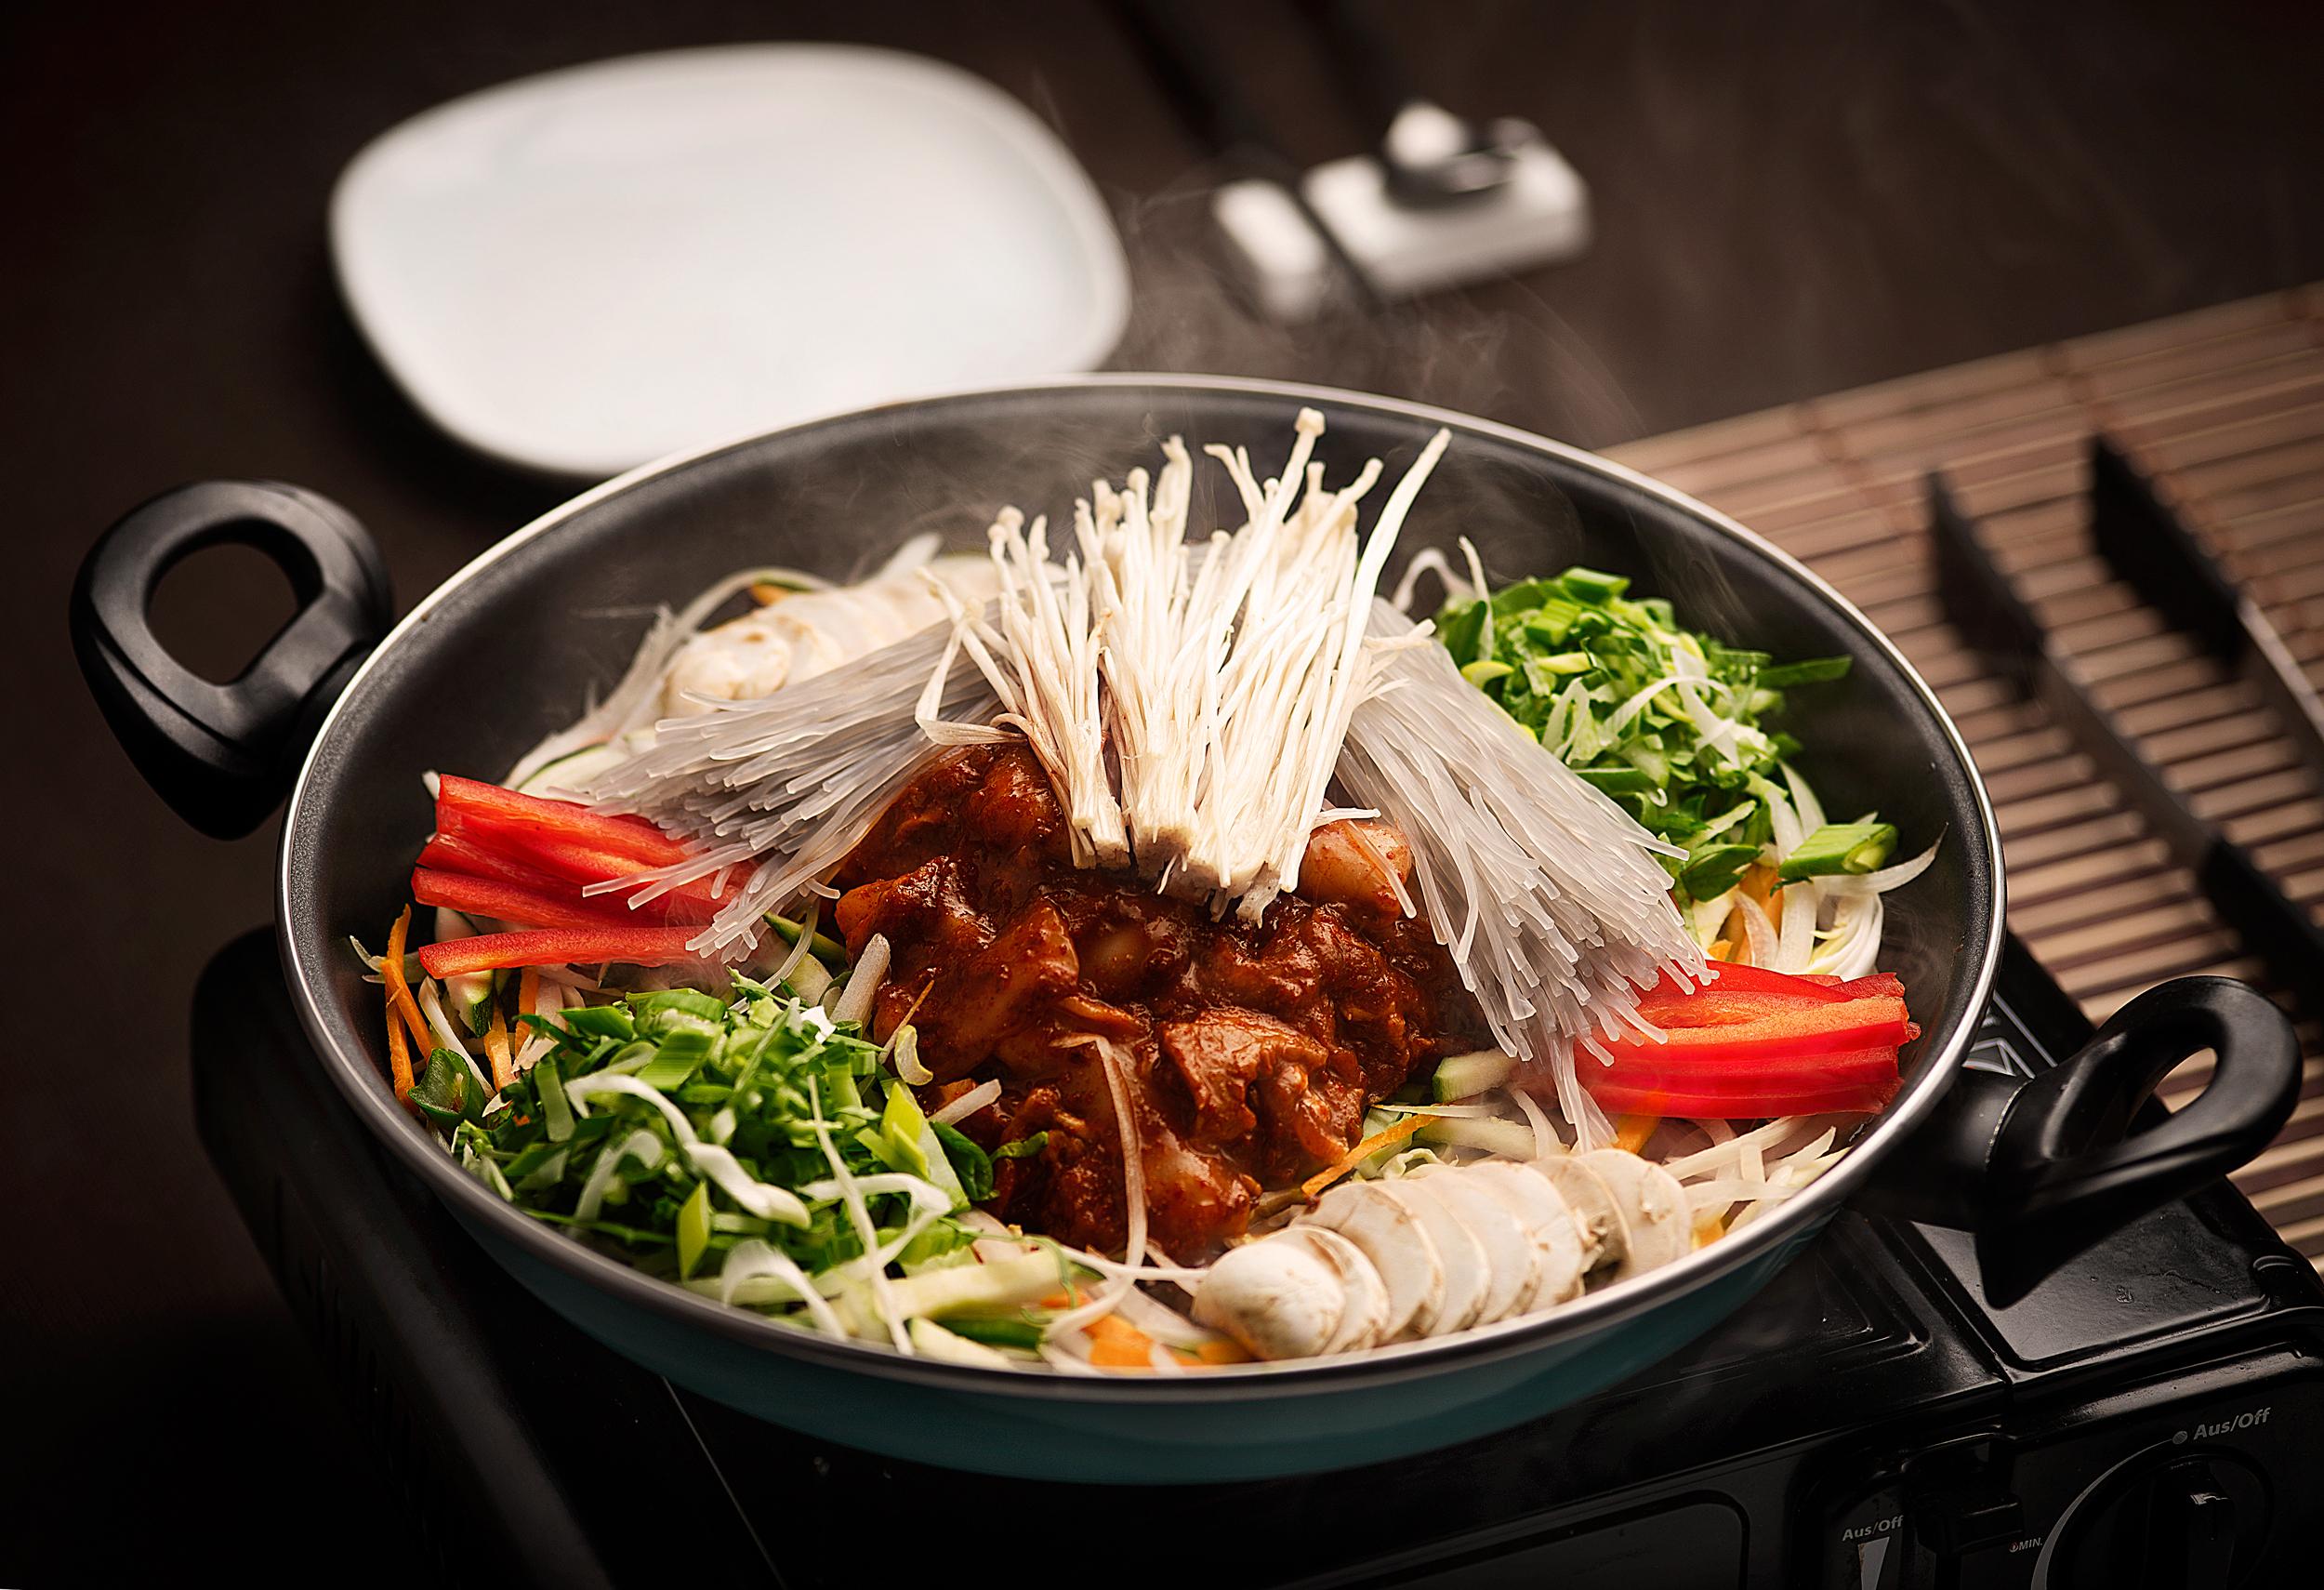 Ojingo Samgyopsal güi - Sartenada caldosa de calamares y de panceta de cerdo con verduras.Una gran sartén para dos personas de calamares y finas tiras de panceta de primera, junto con muchas verduras y salsa picante de la casa. Un espectáculo de plato que se cocina en directo sobre la mesa! Una combinación única entre el marisco y la carne que no te puedes perder.23.90€ (para 2 personas)